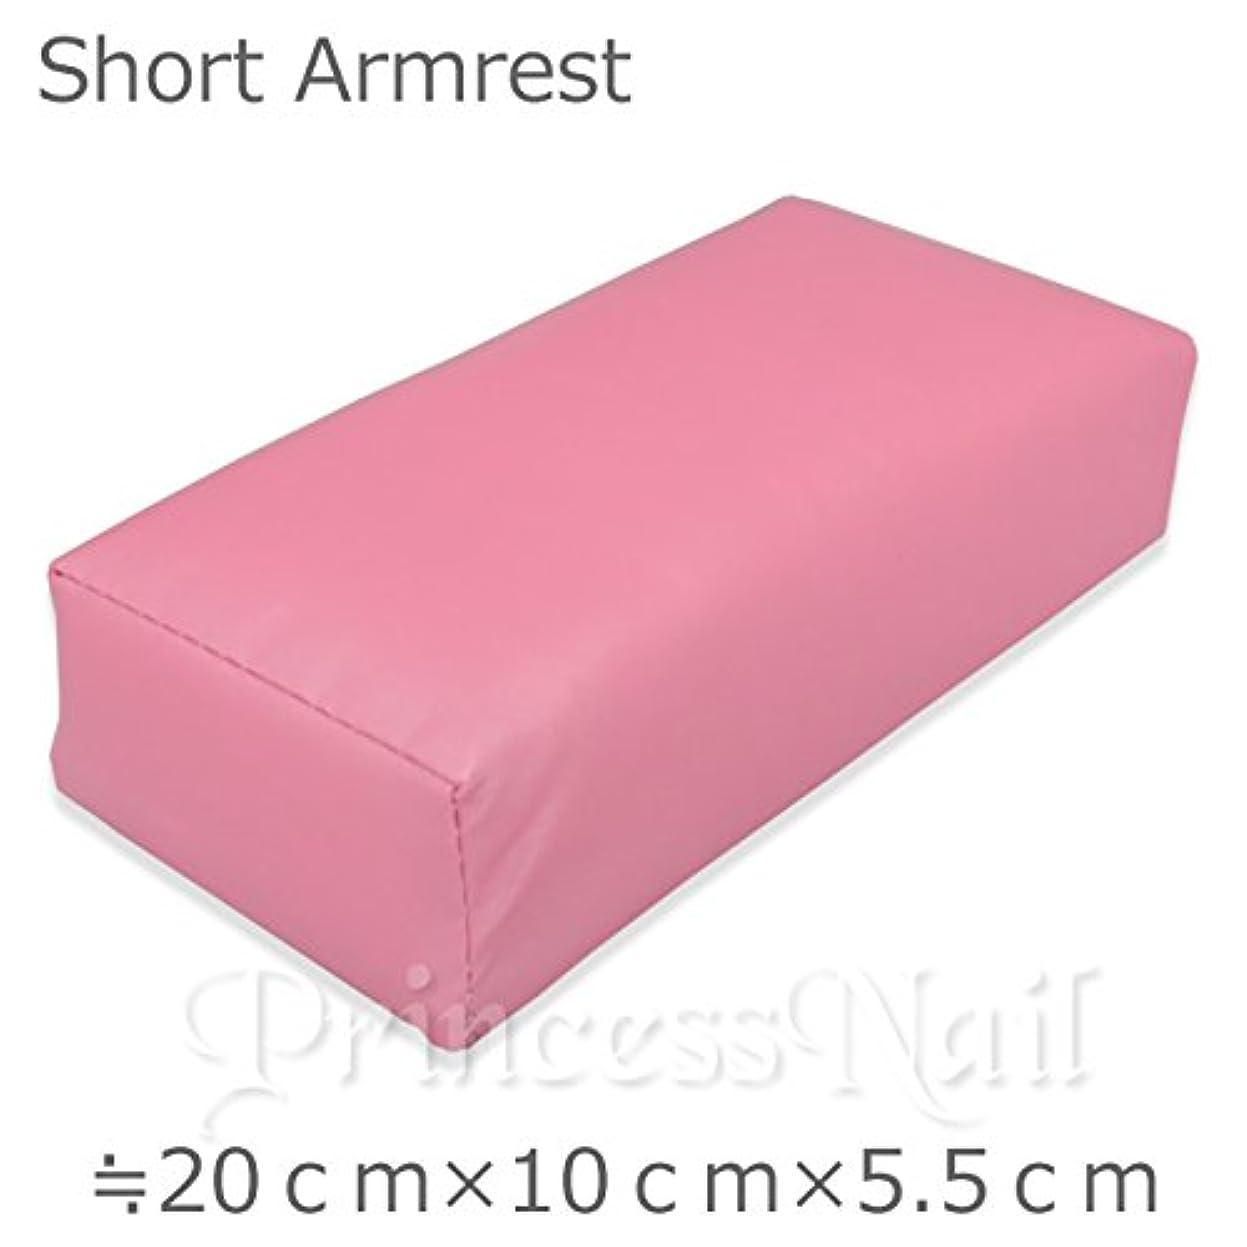 つまらないペットシプリーネイルケア用アームレスト ショートタイプ Color:Pink size:D10cm×W20cm×H5.5cm